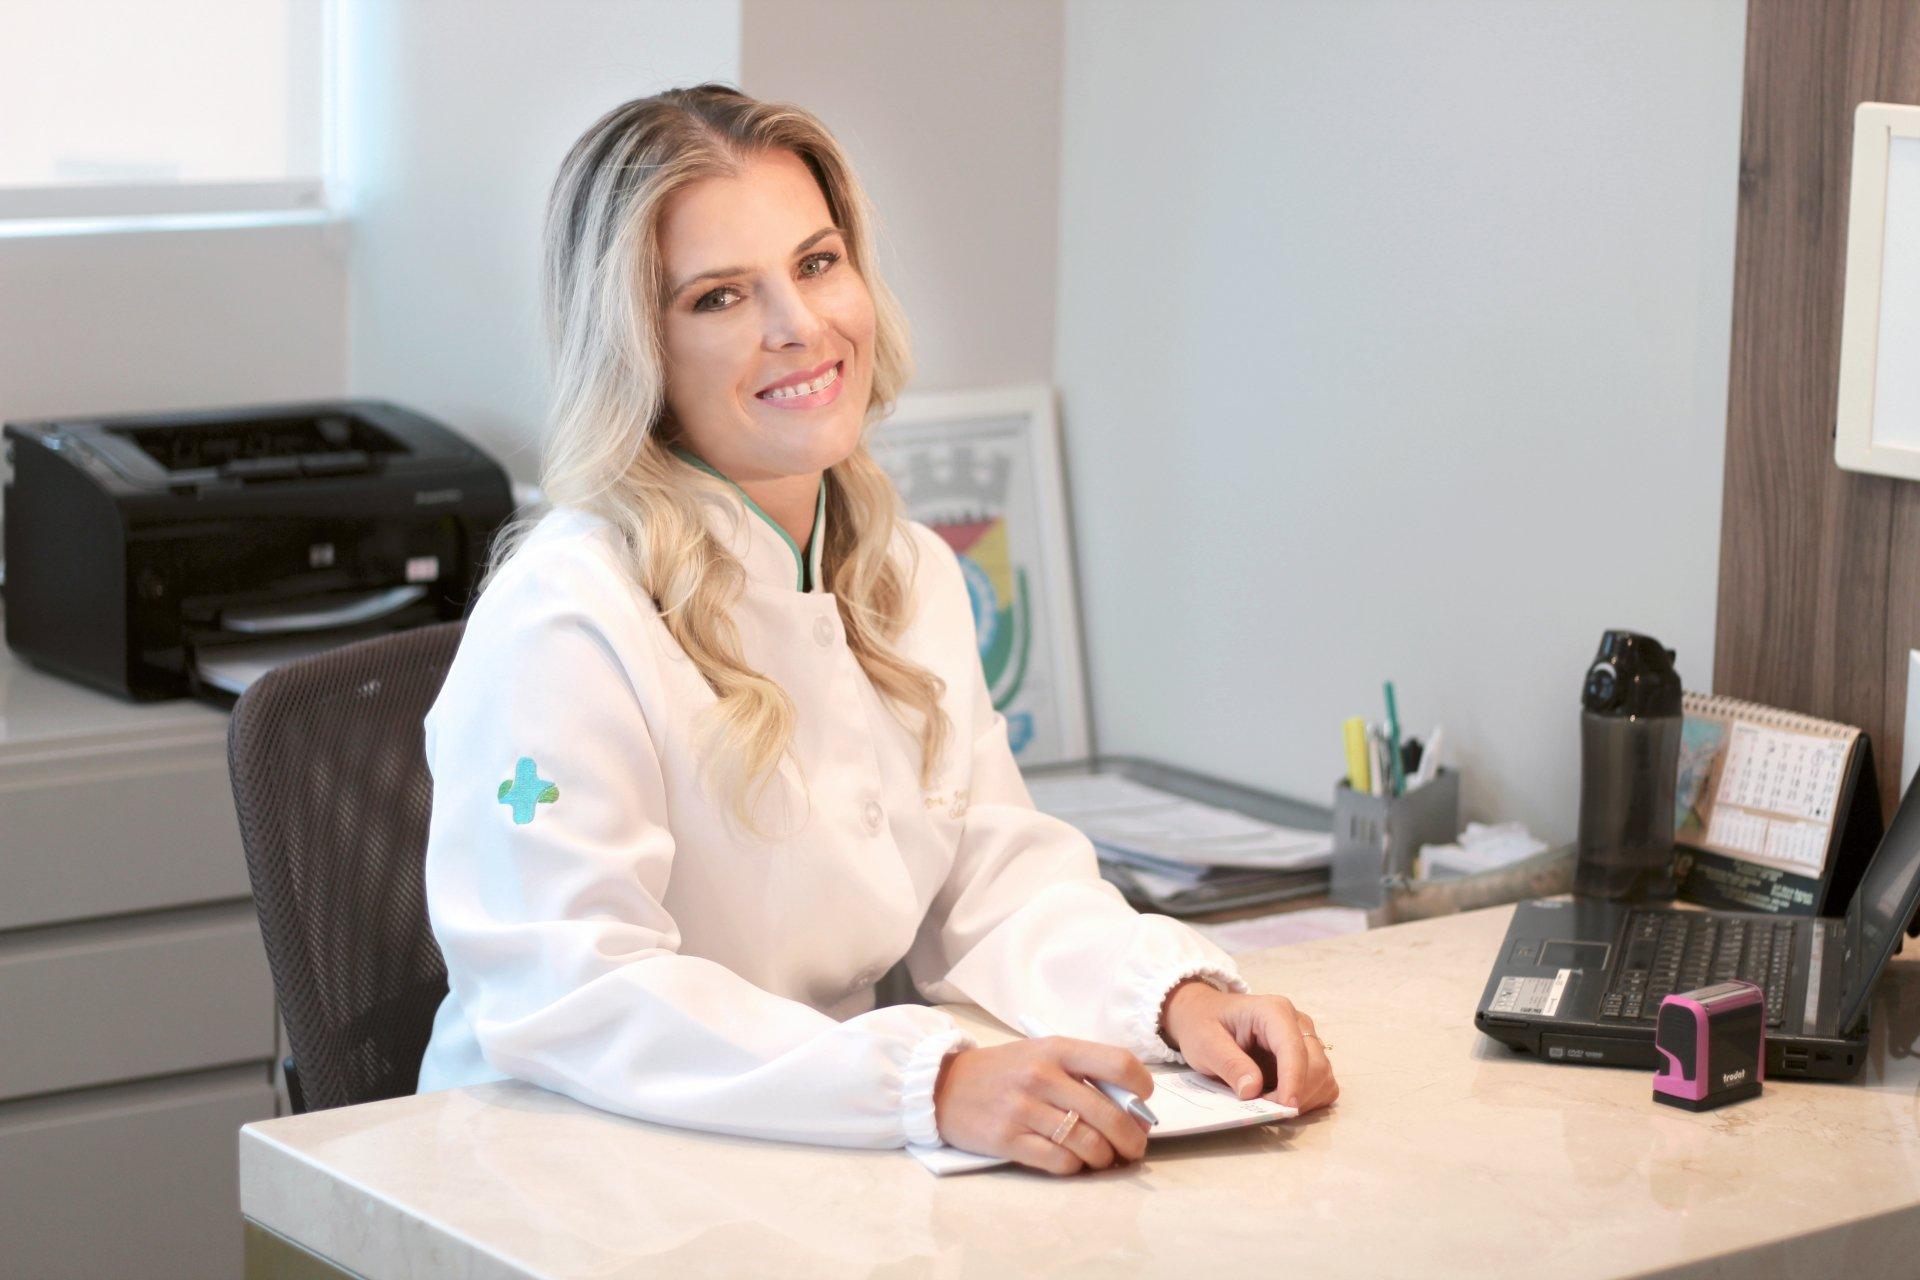 Dentista Explica Tecnicas De Clareamento Dental Viver Com Saude